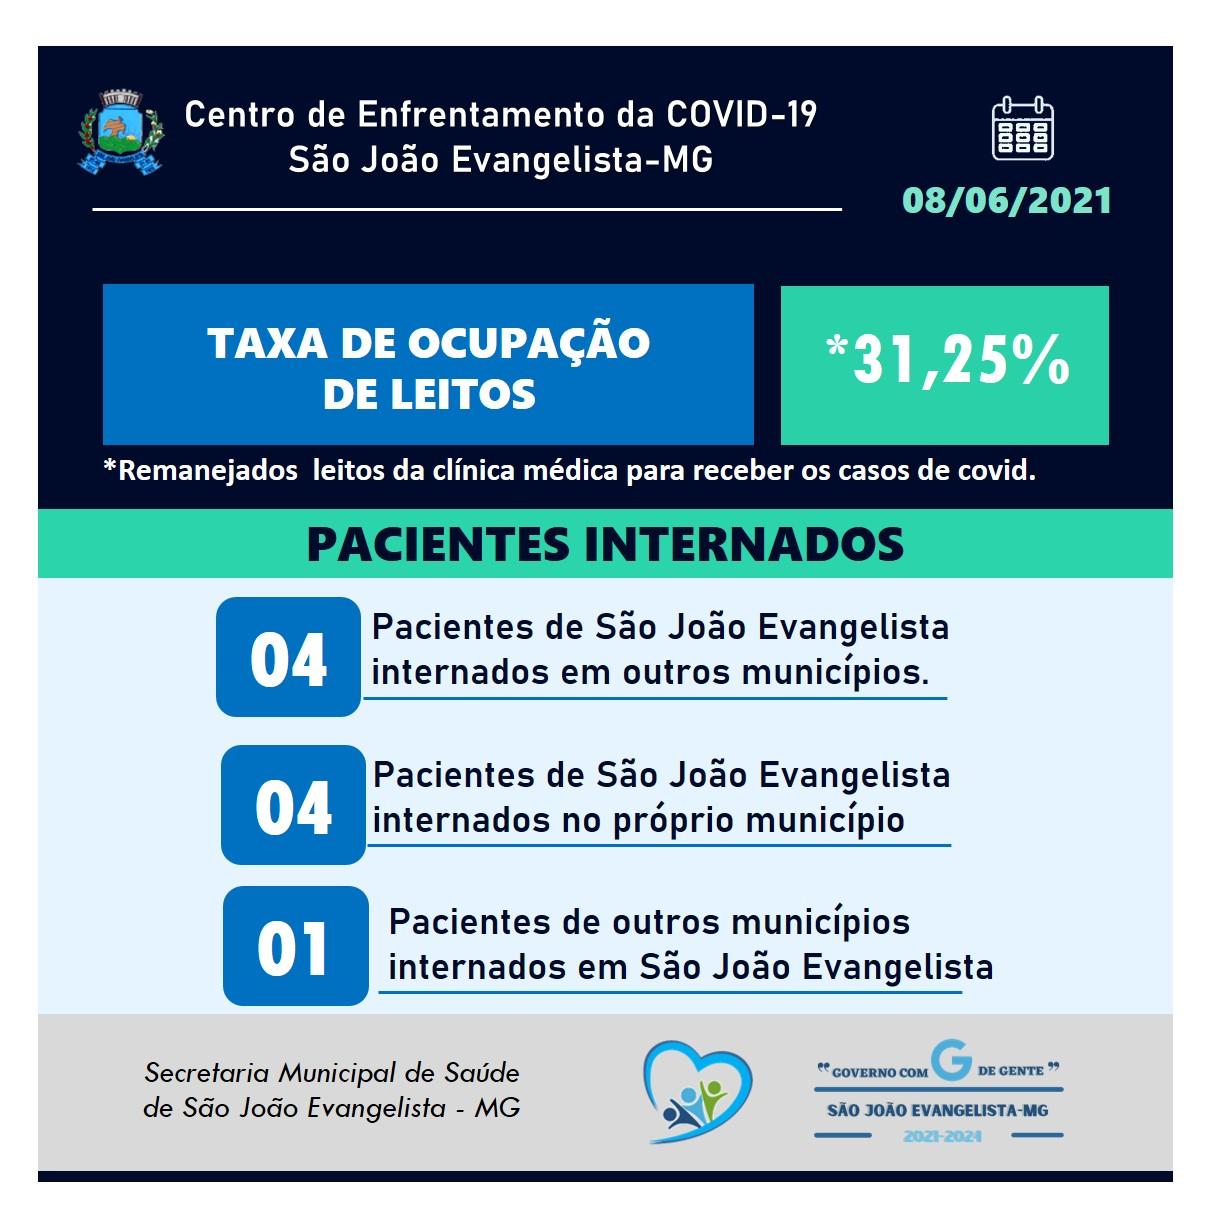 TAXA DE OCUPAÇÃO DE LEITOS - 08/06/2021